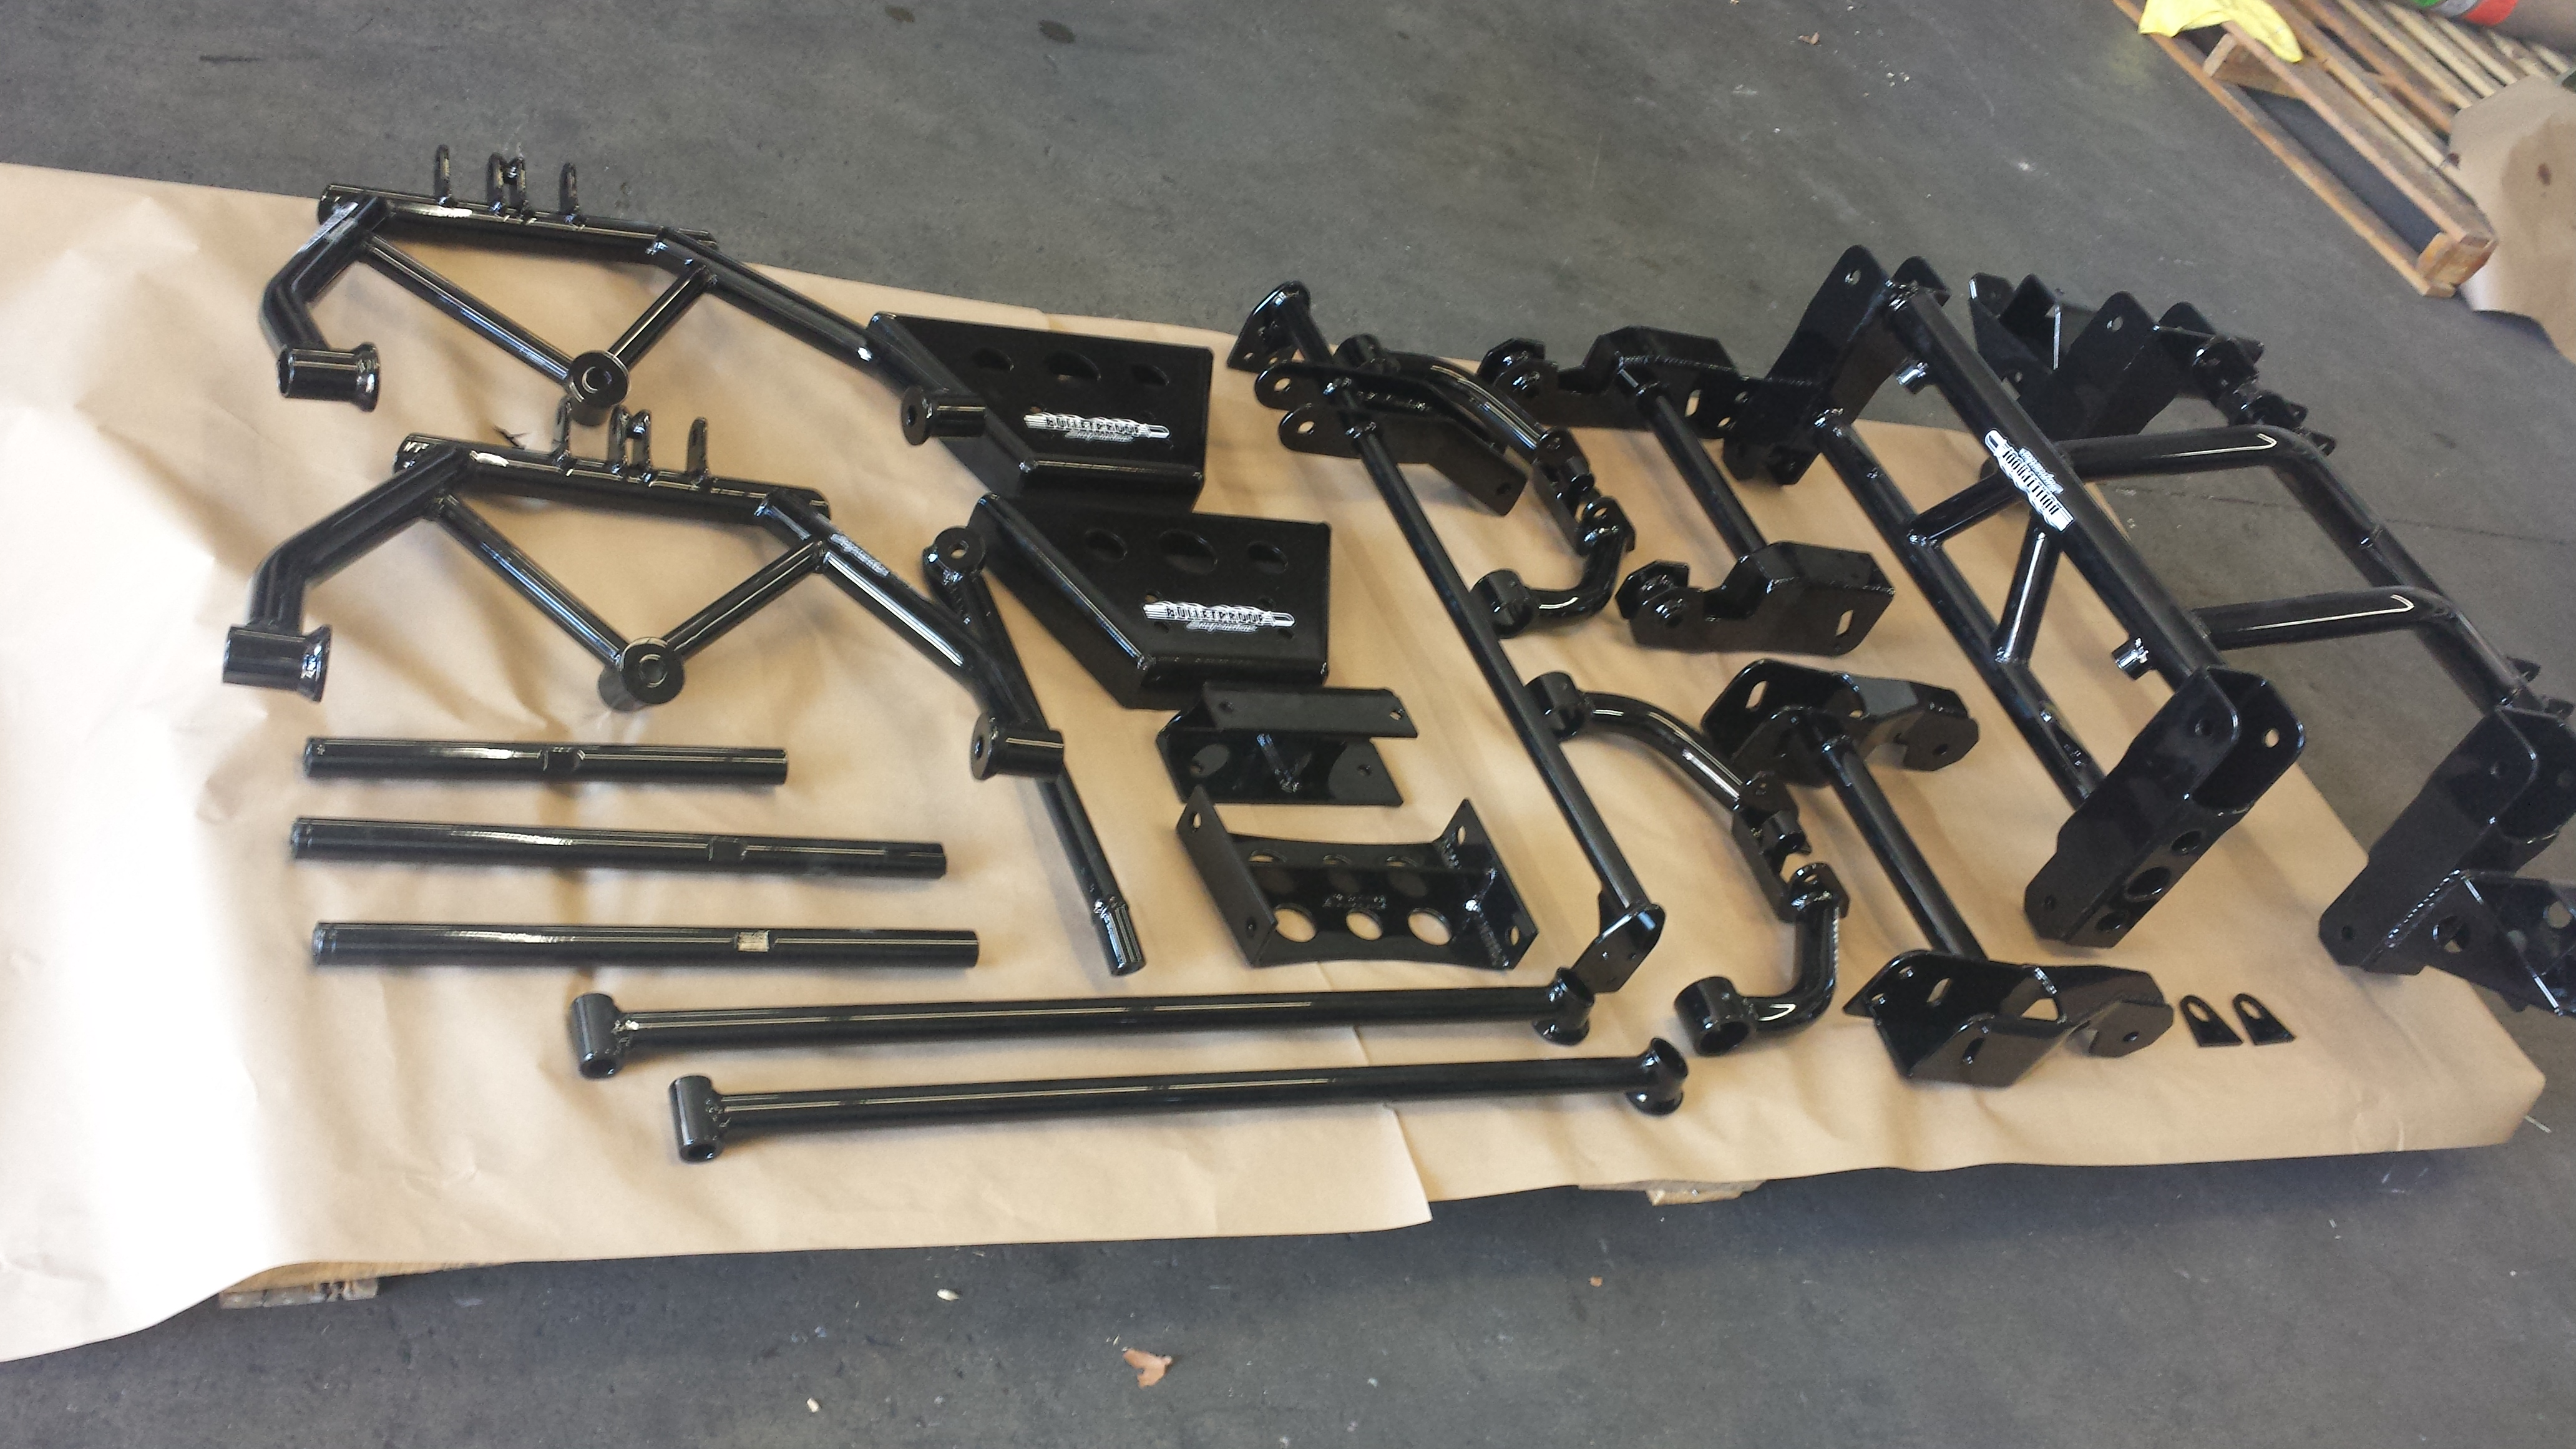 Chevy Lift Kits >> Chevy-GMC 2500-3500 10-12 Inch Lift Kit 2001-2010